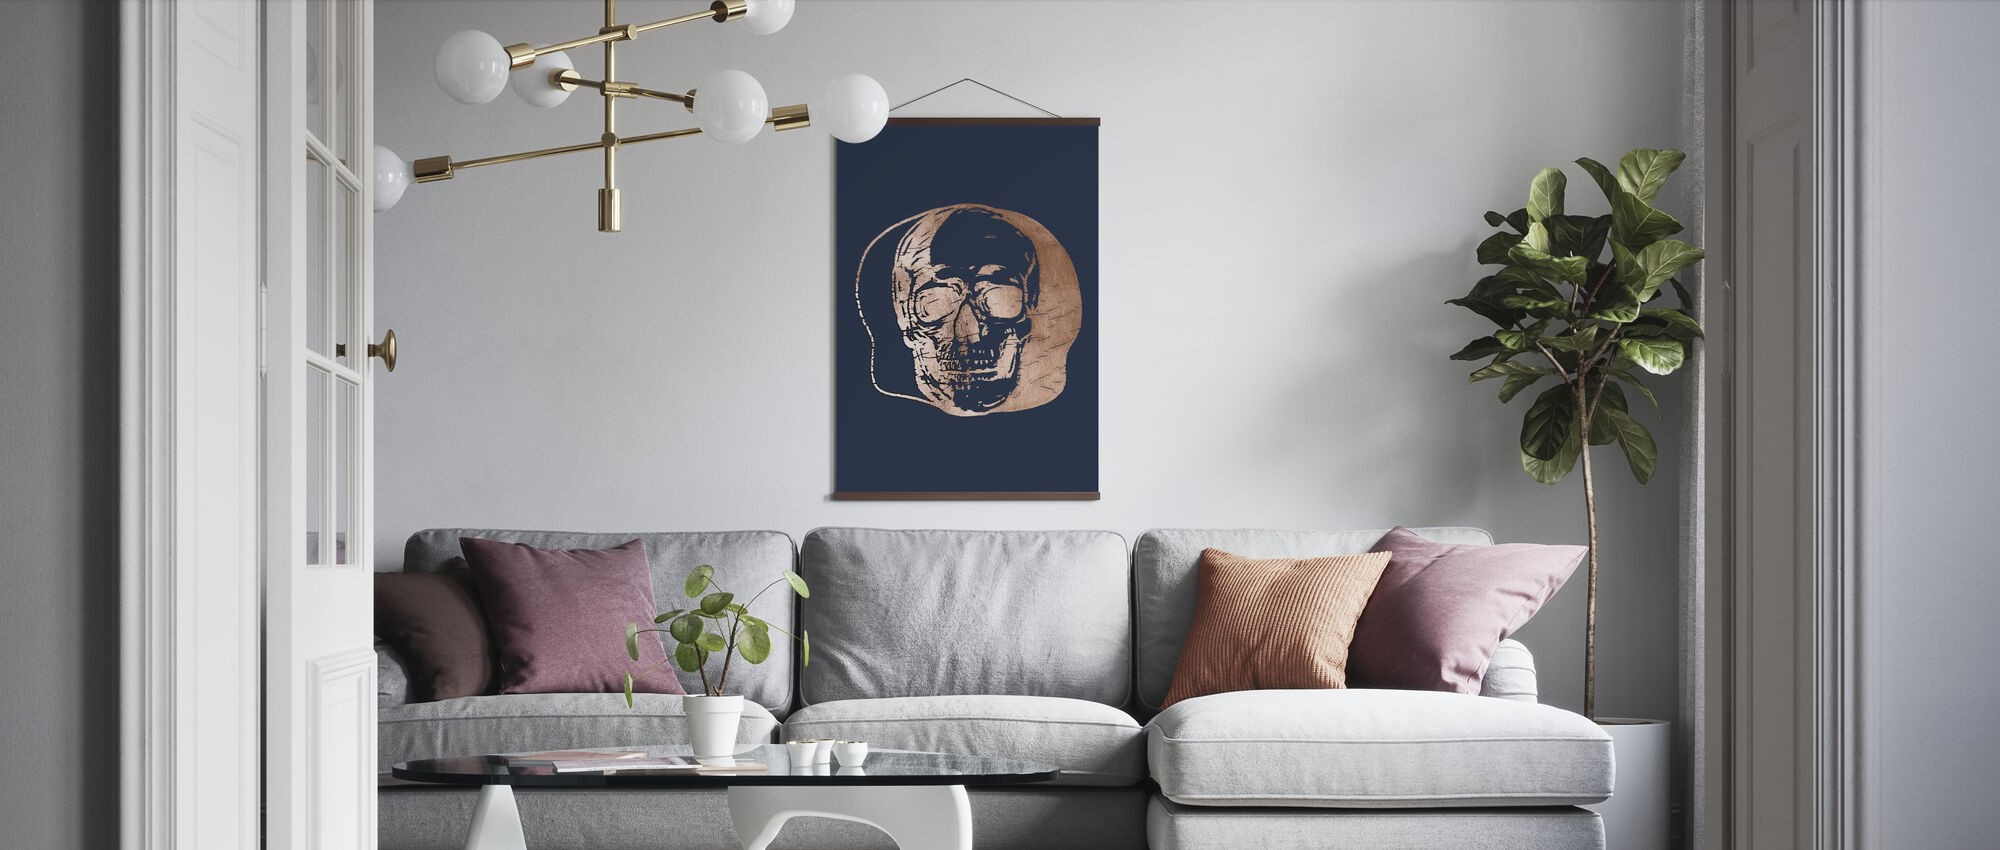 Rotgold Capitulum II auf Blau - Poster - Wohnzimmer